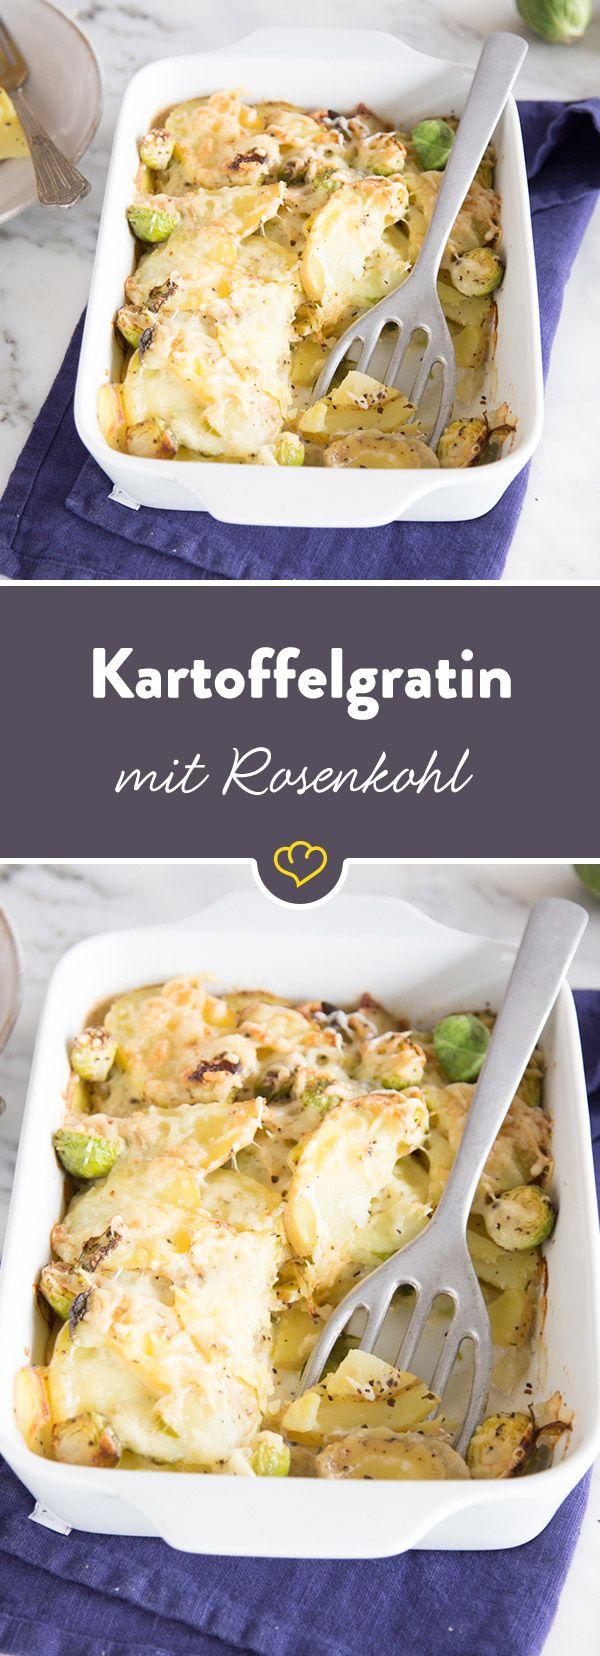 Ein herrlich knuspriges Kartoffelgratin, das dank Rosenkohl und Gruyère einen neuen Twist bekommt - Schicht für Schicht zum Glück!